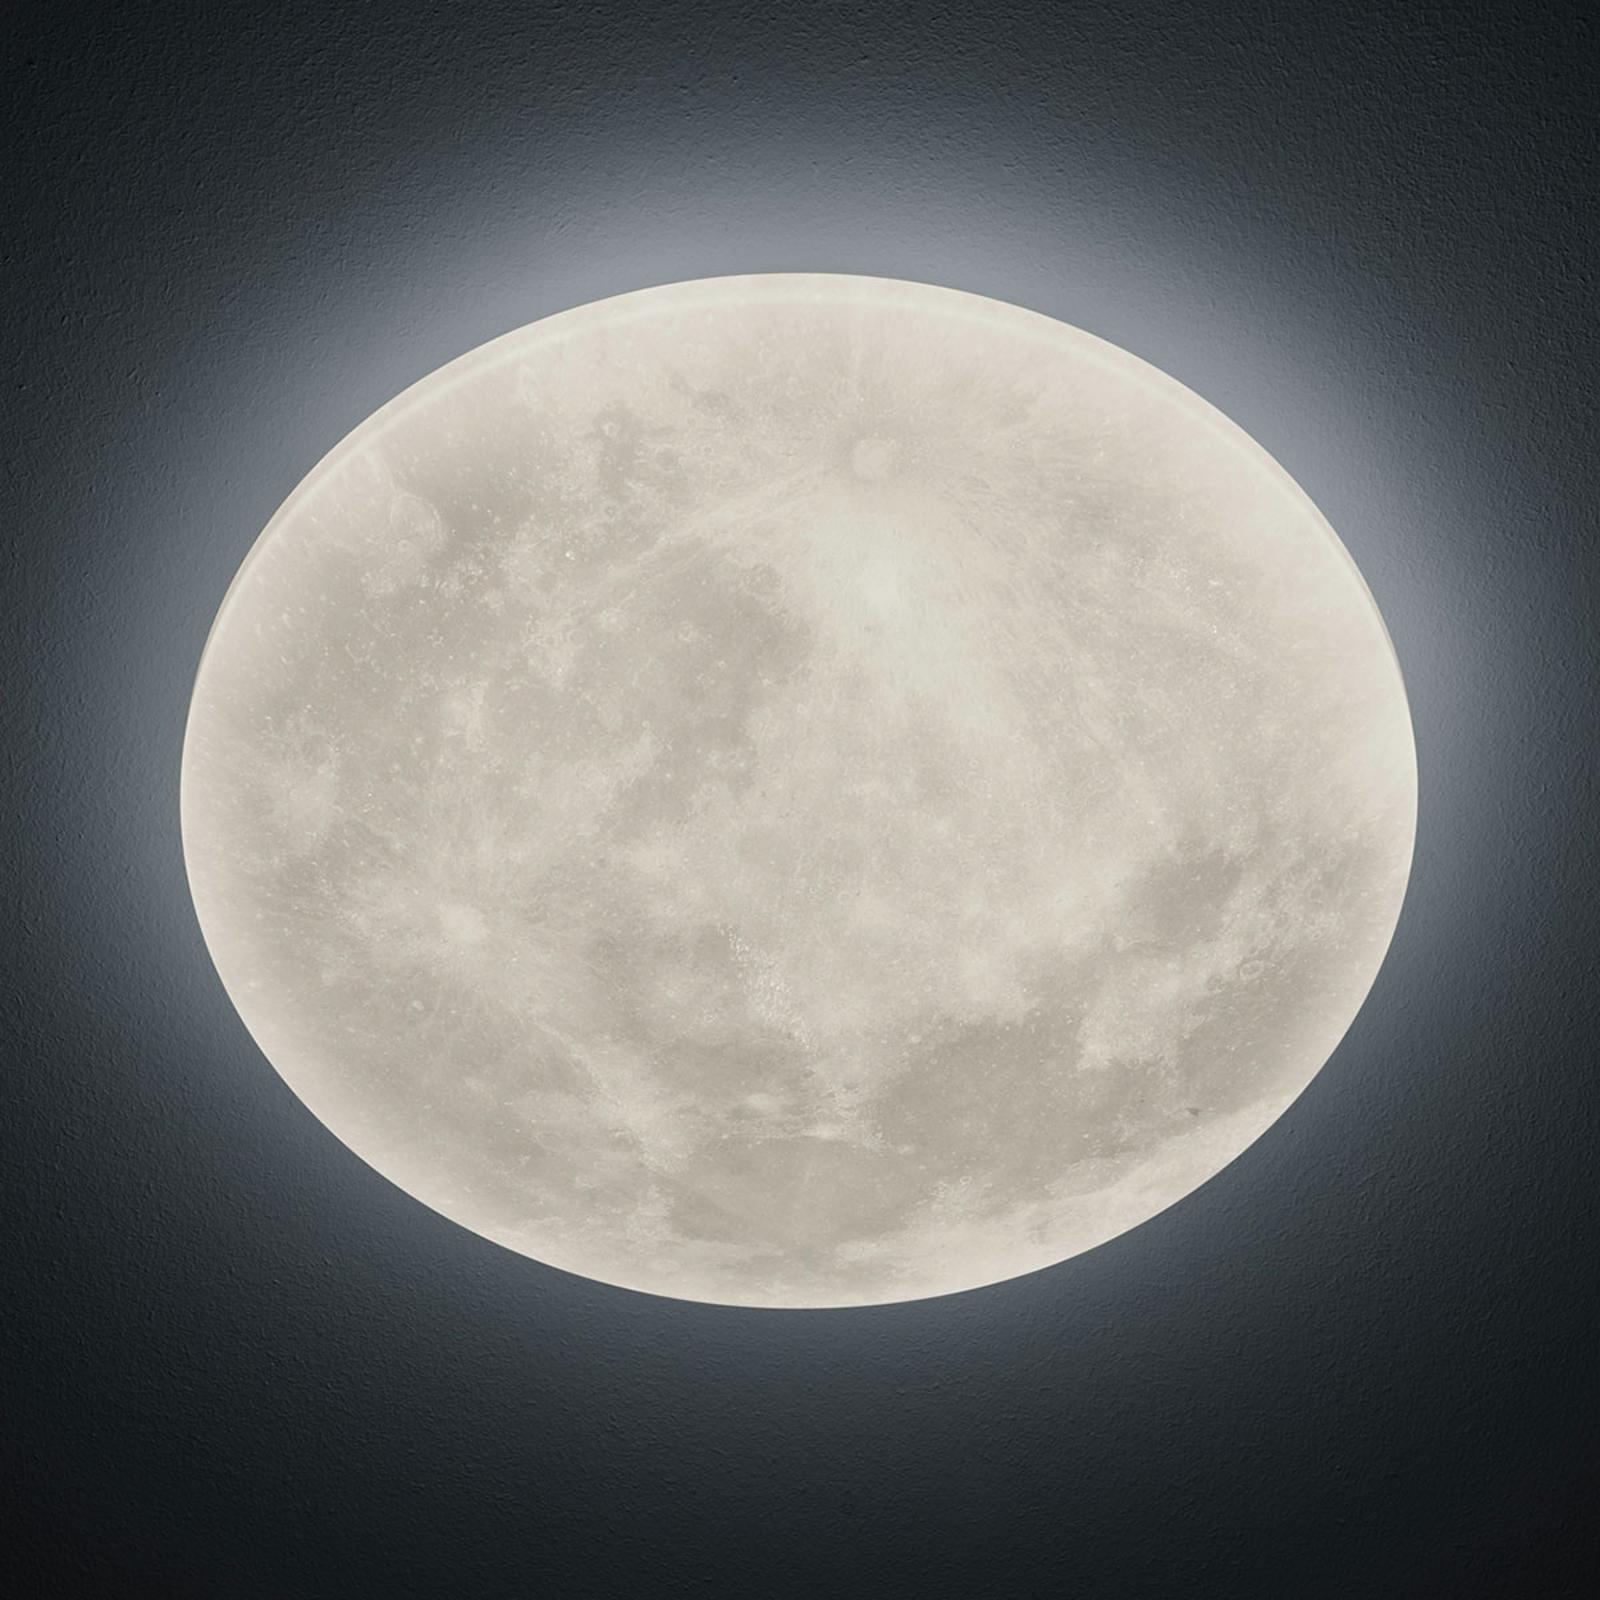 LED-taklampe Lunar med fjernkontroll 40 cm